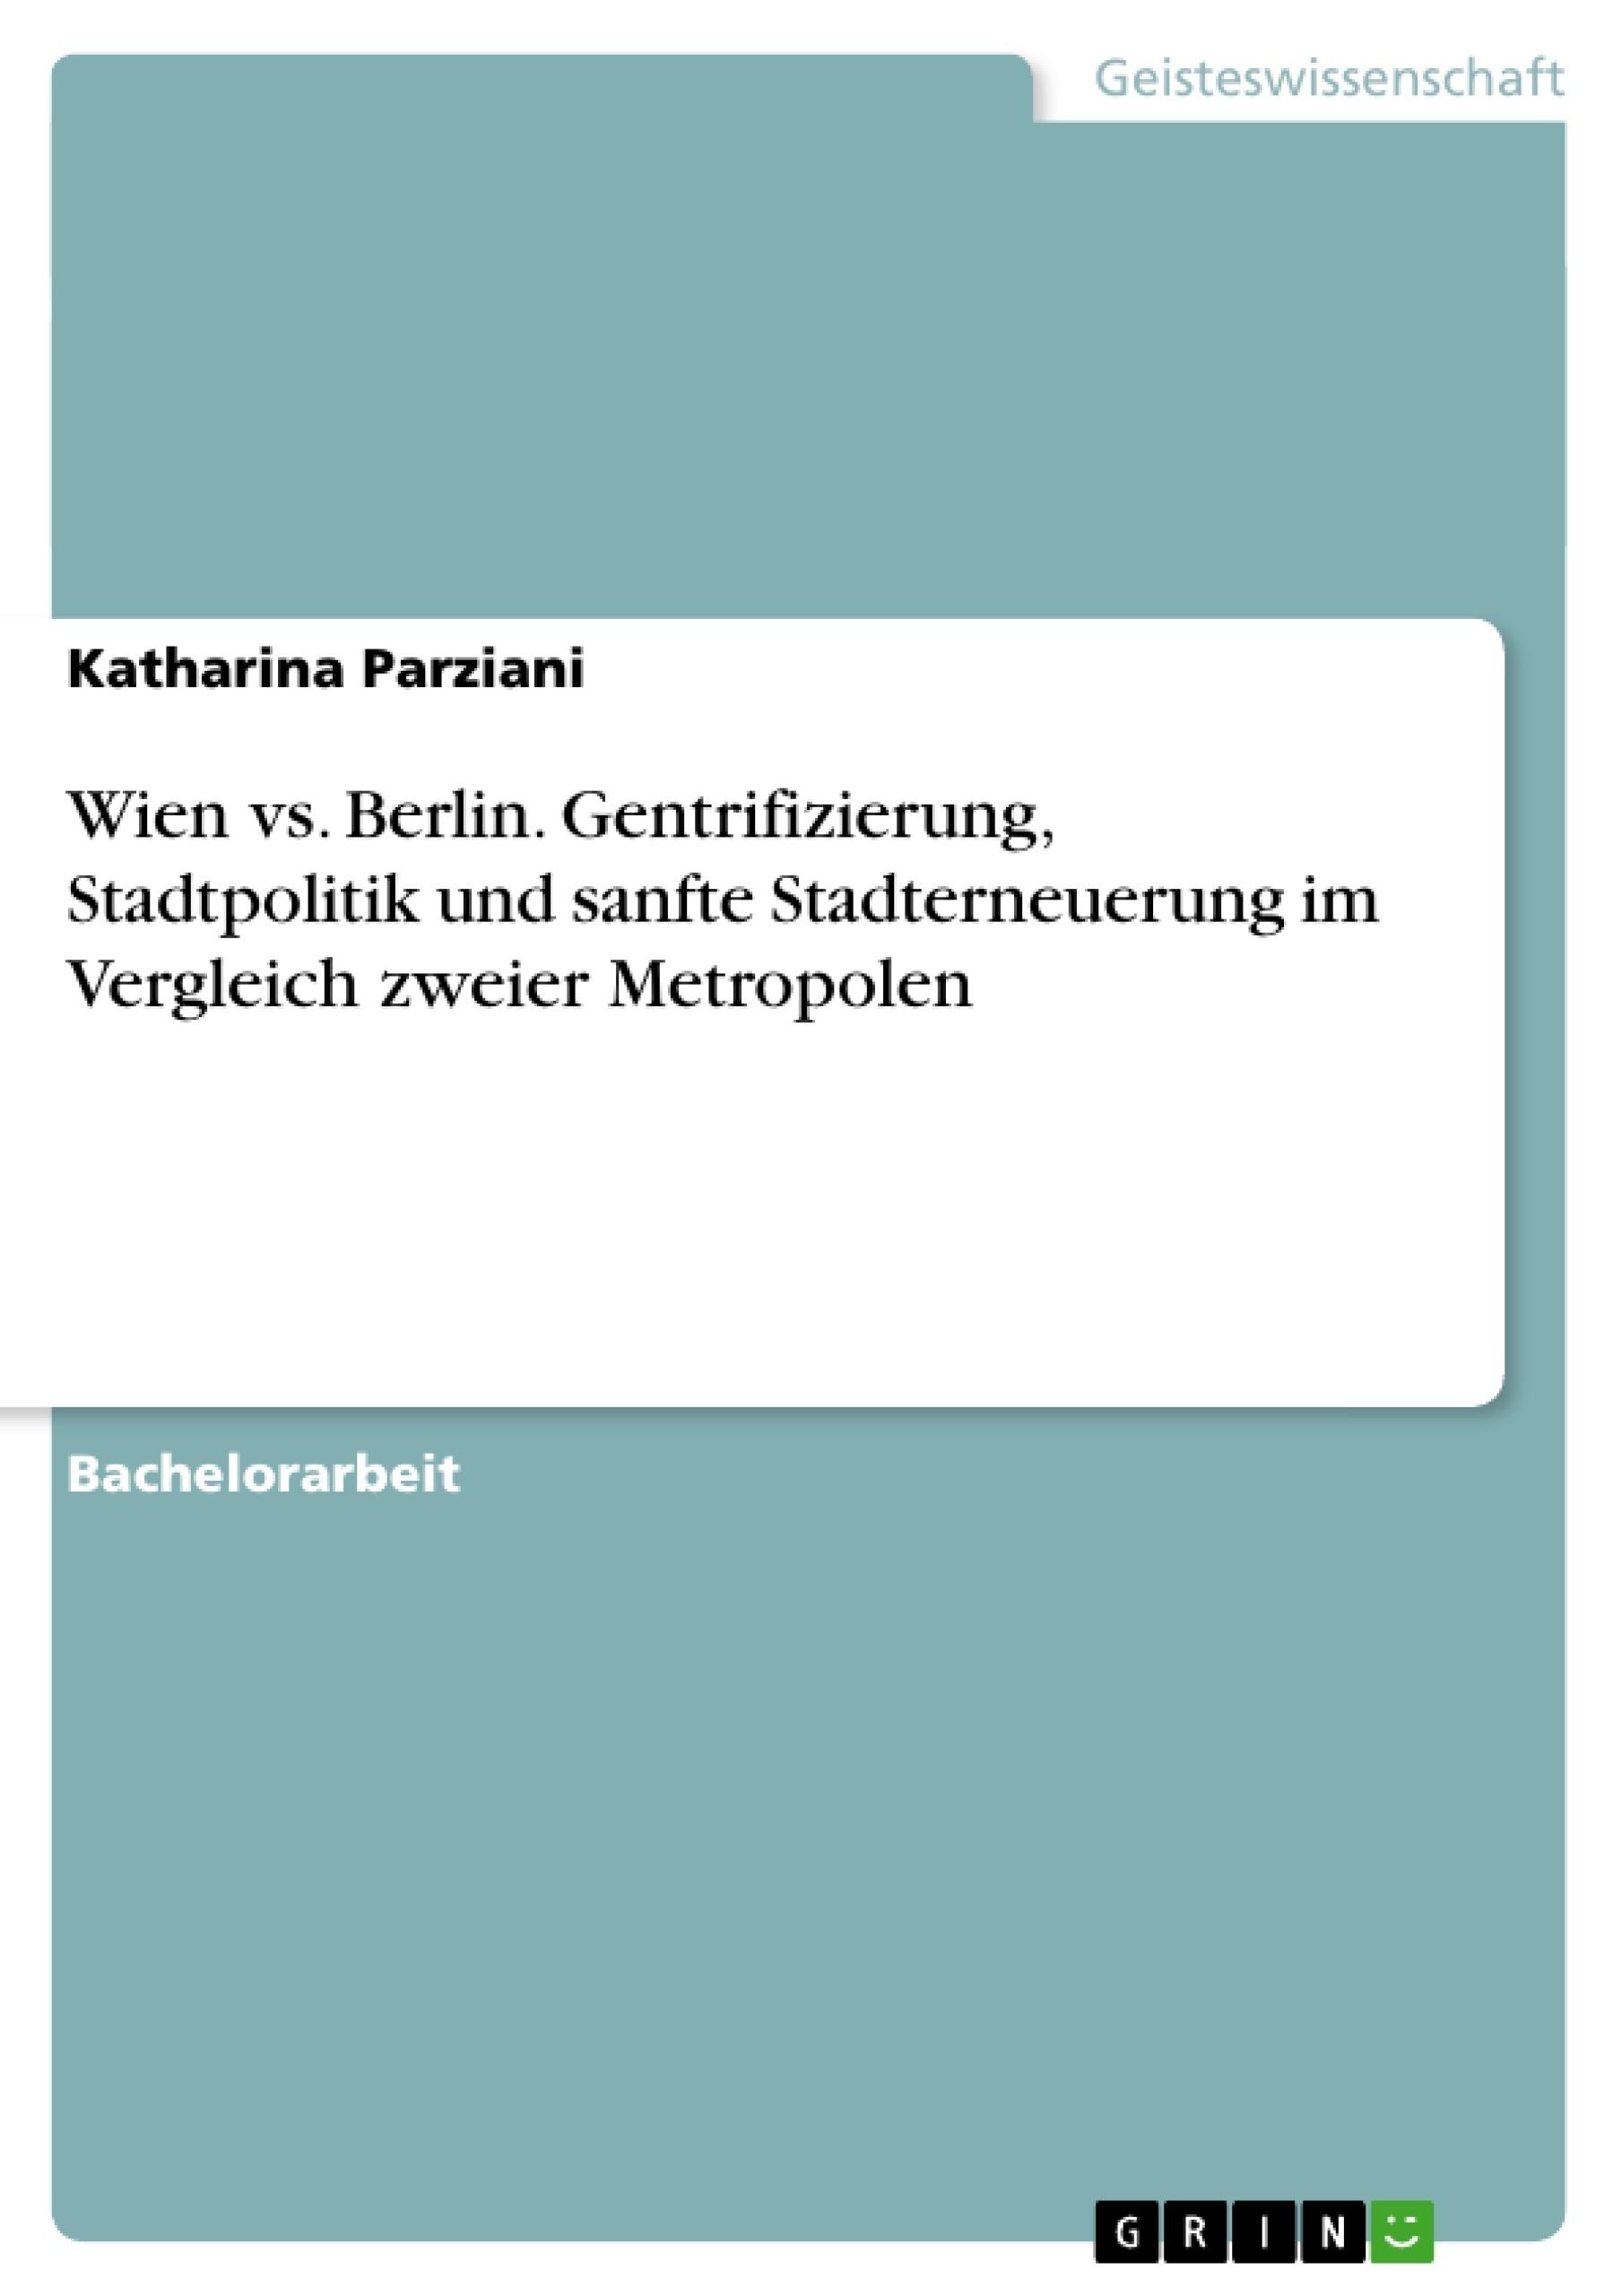 Titel: Wien vs. Berlin.  Gentrifizierung, Stadtpolitik und sanfte Stadterneuerung im Vergleich zweier Metropolen